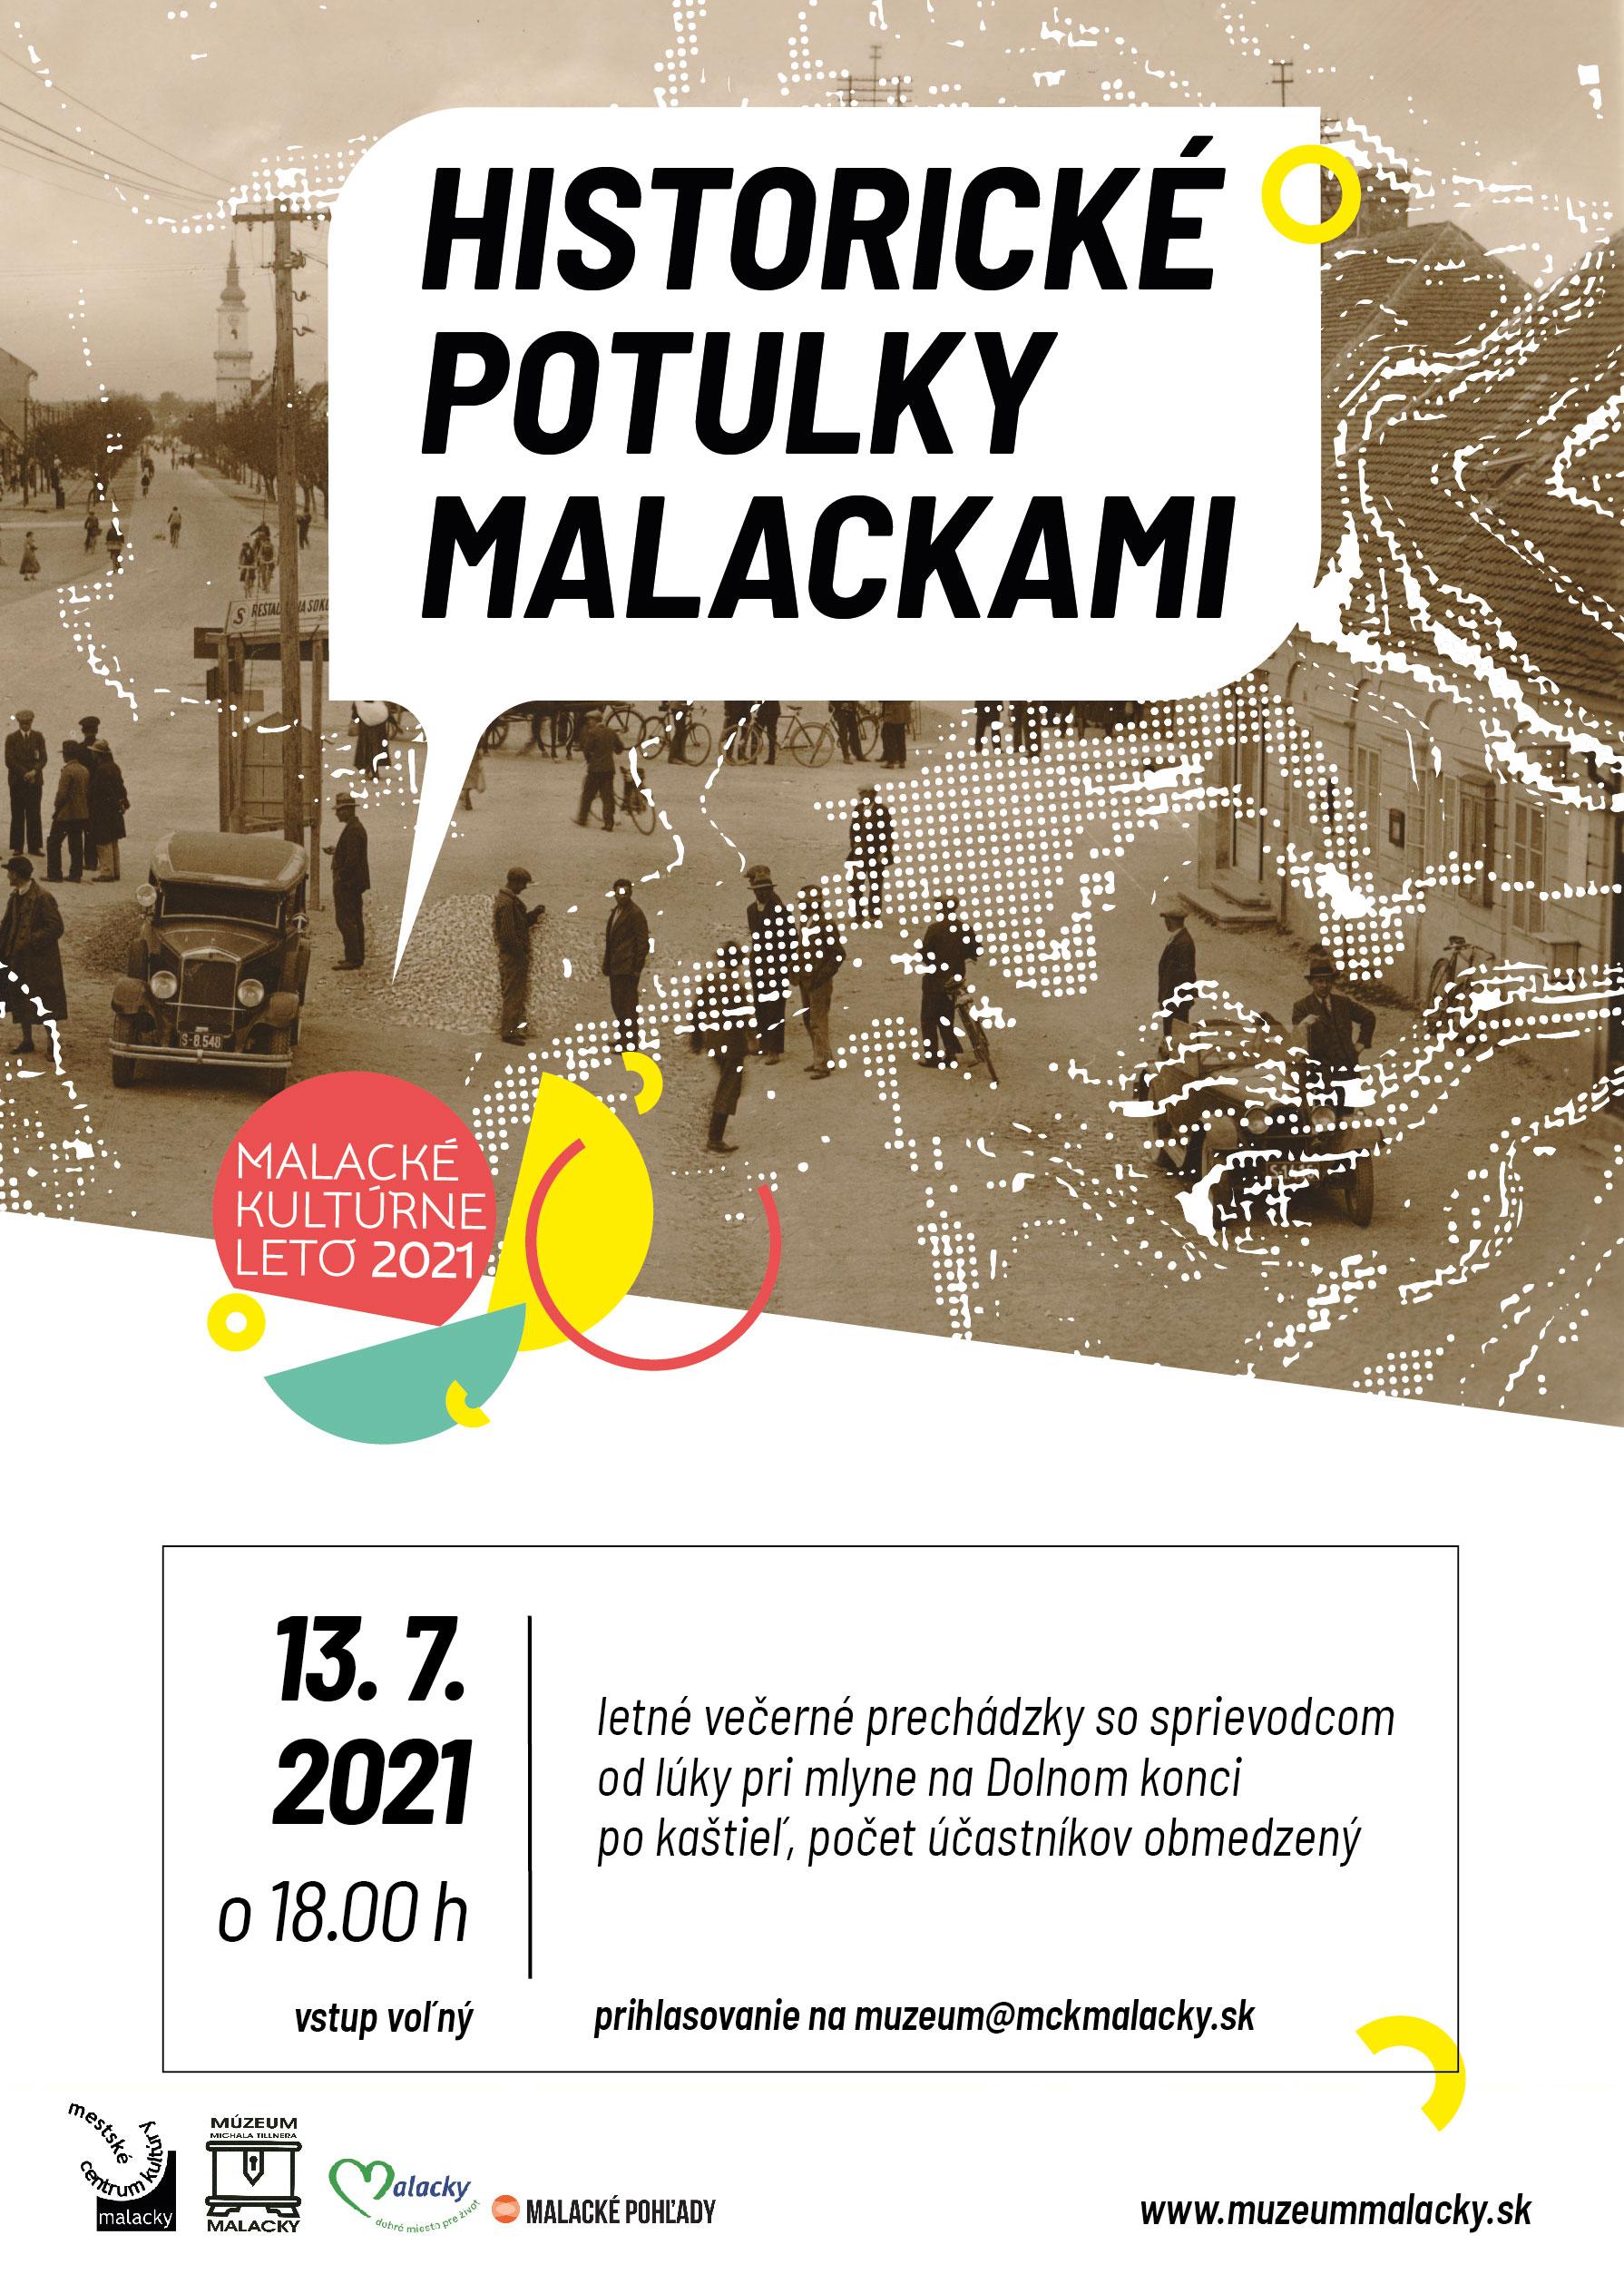 WEB_mkl_2021_historicke_potulky_malackami_jul_Kreslic pltno 1jpg